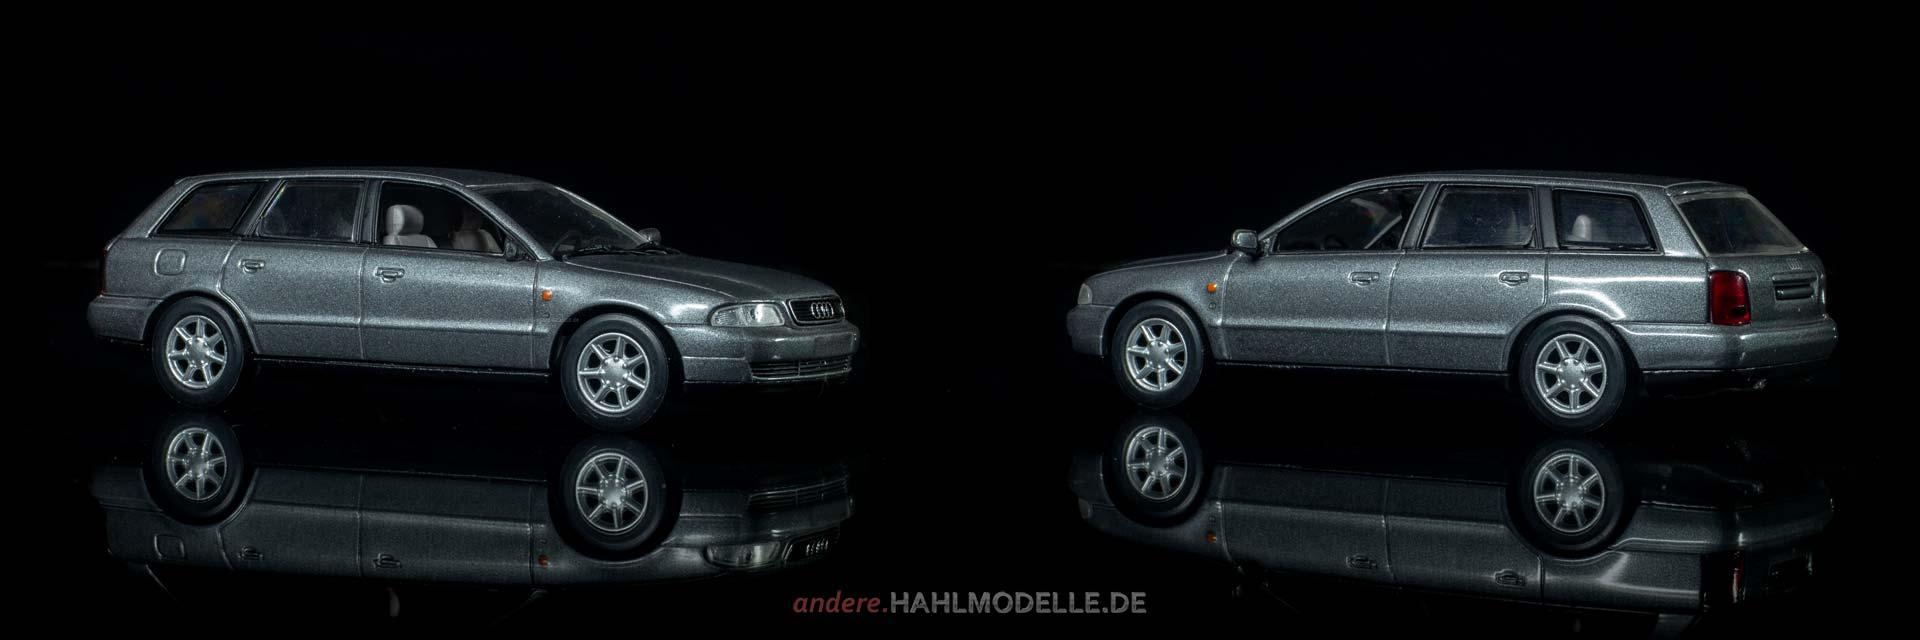 Audi A4 B5 | Kombi | Minichamps | www.andere.hahlmodelle.de